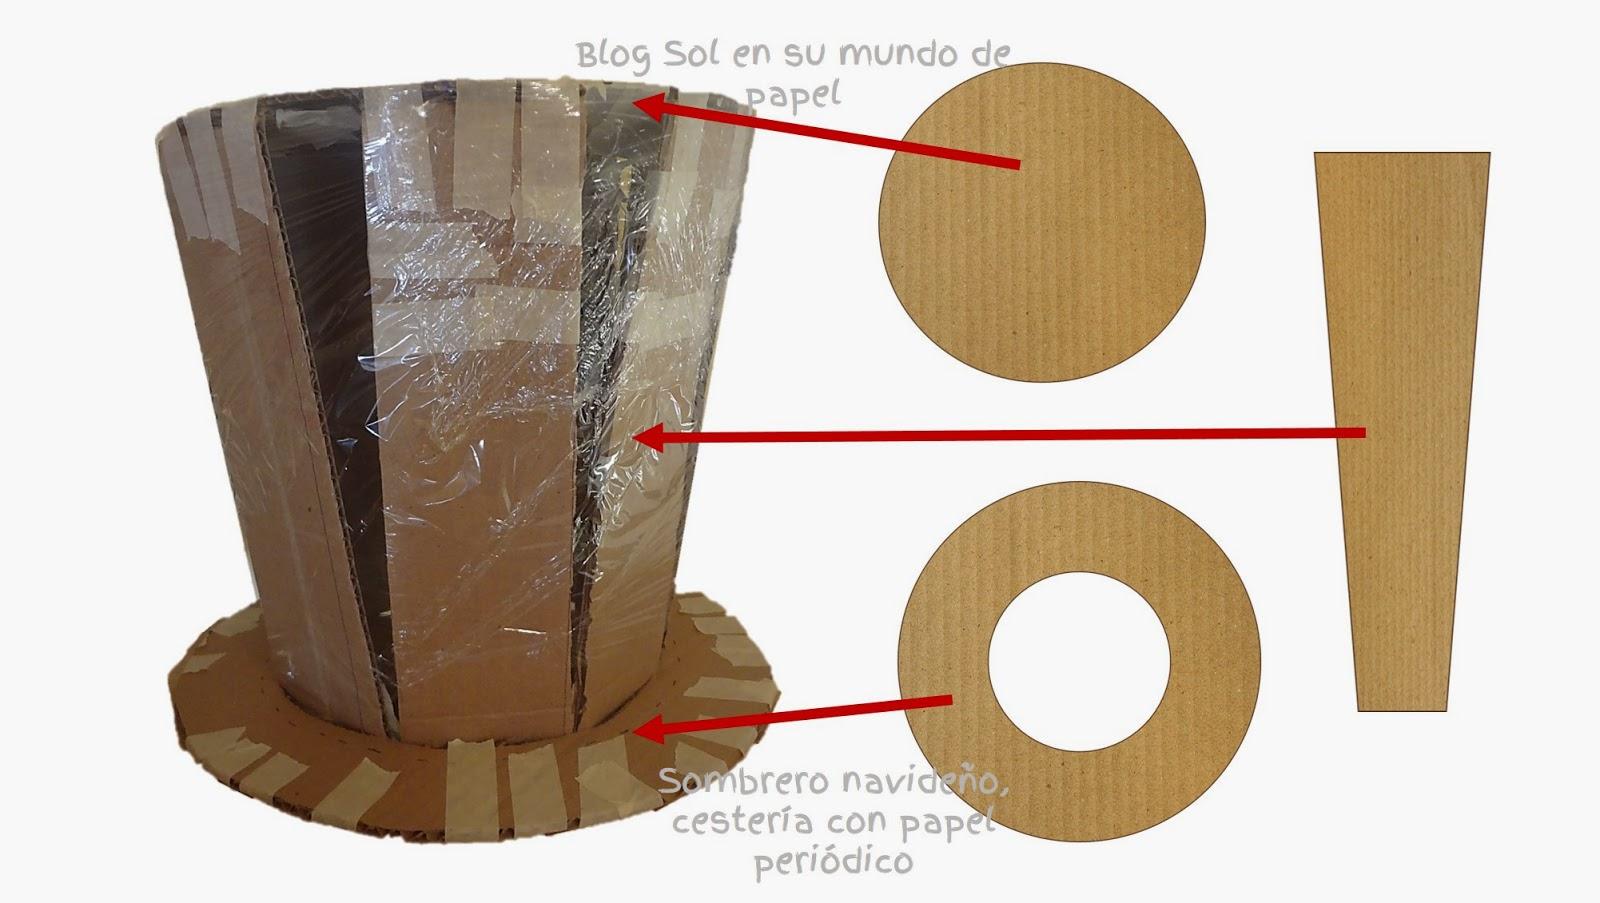 Sombrero navide o cester a con papel peri dico - Como hacer un estor enrollable paso a paso ...